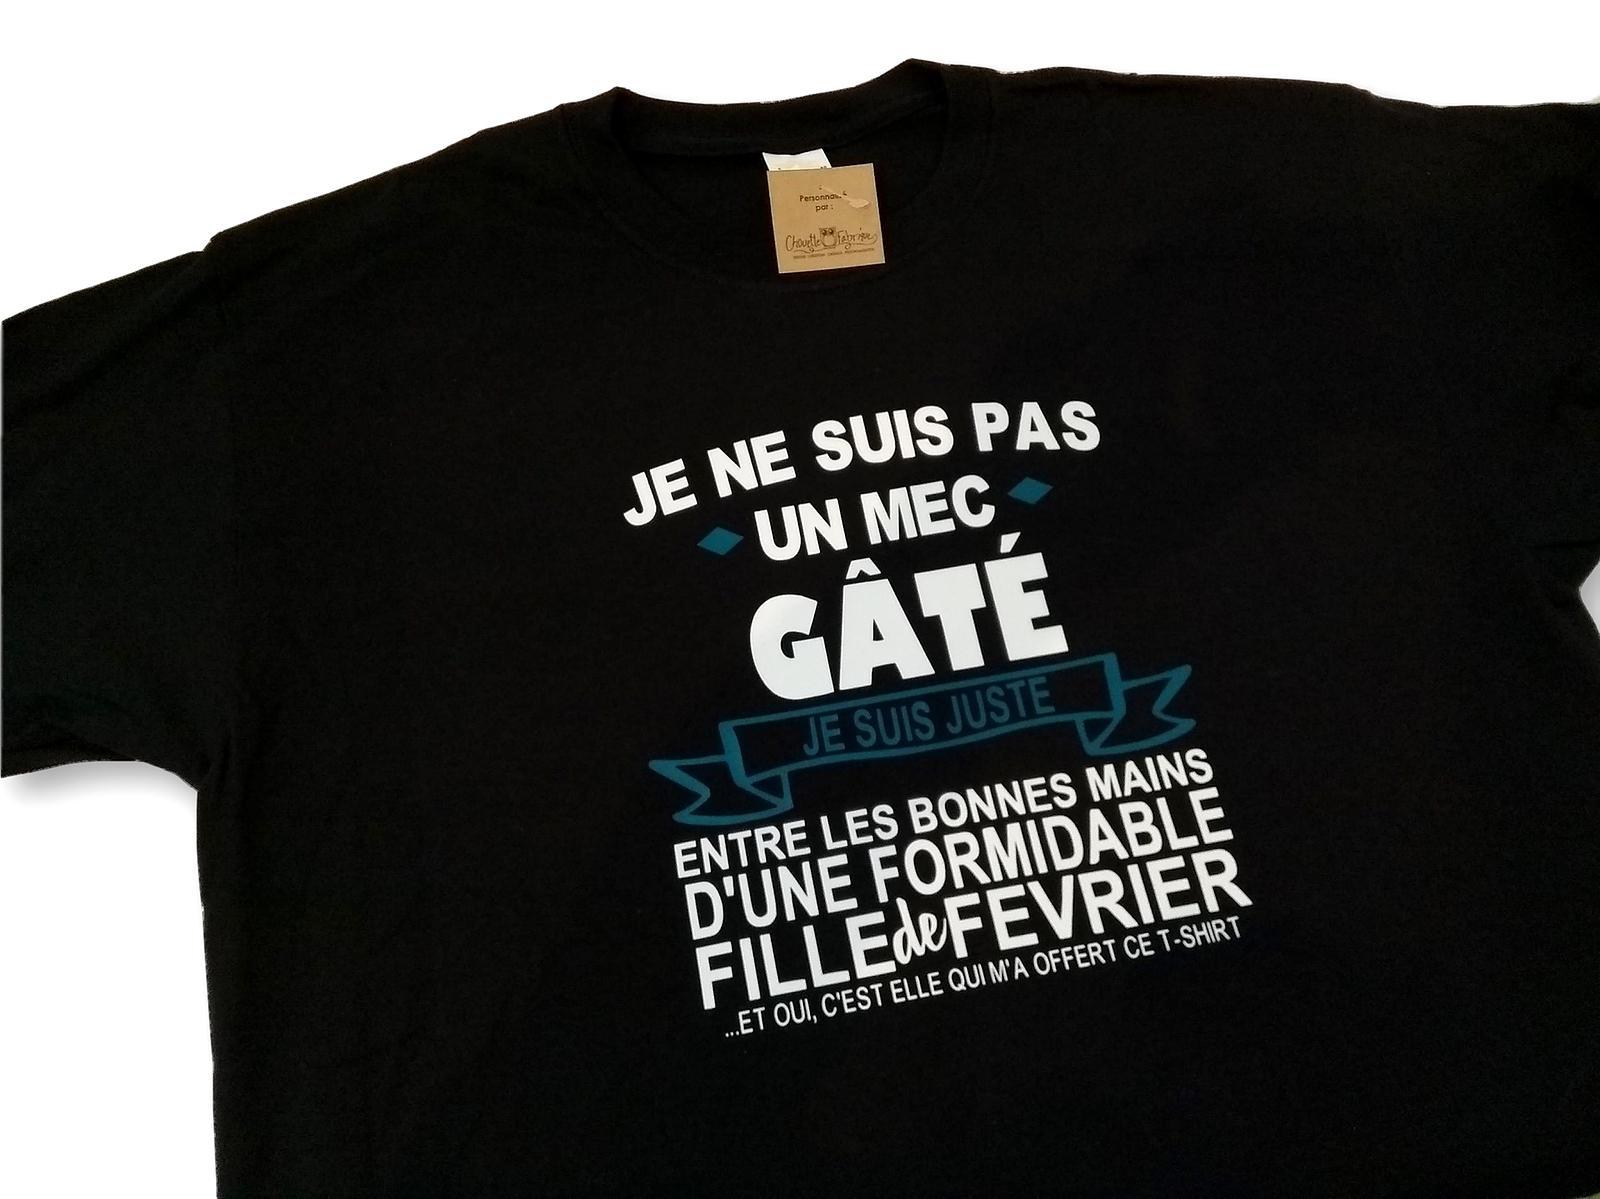 6933dbc7bda18 Tshirt pour homme - Gâté - Fille de février (ou autre mois de l  ...